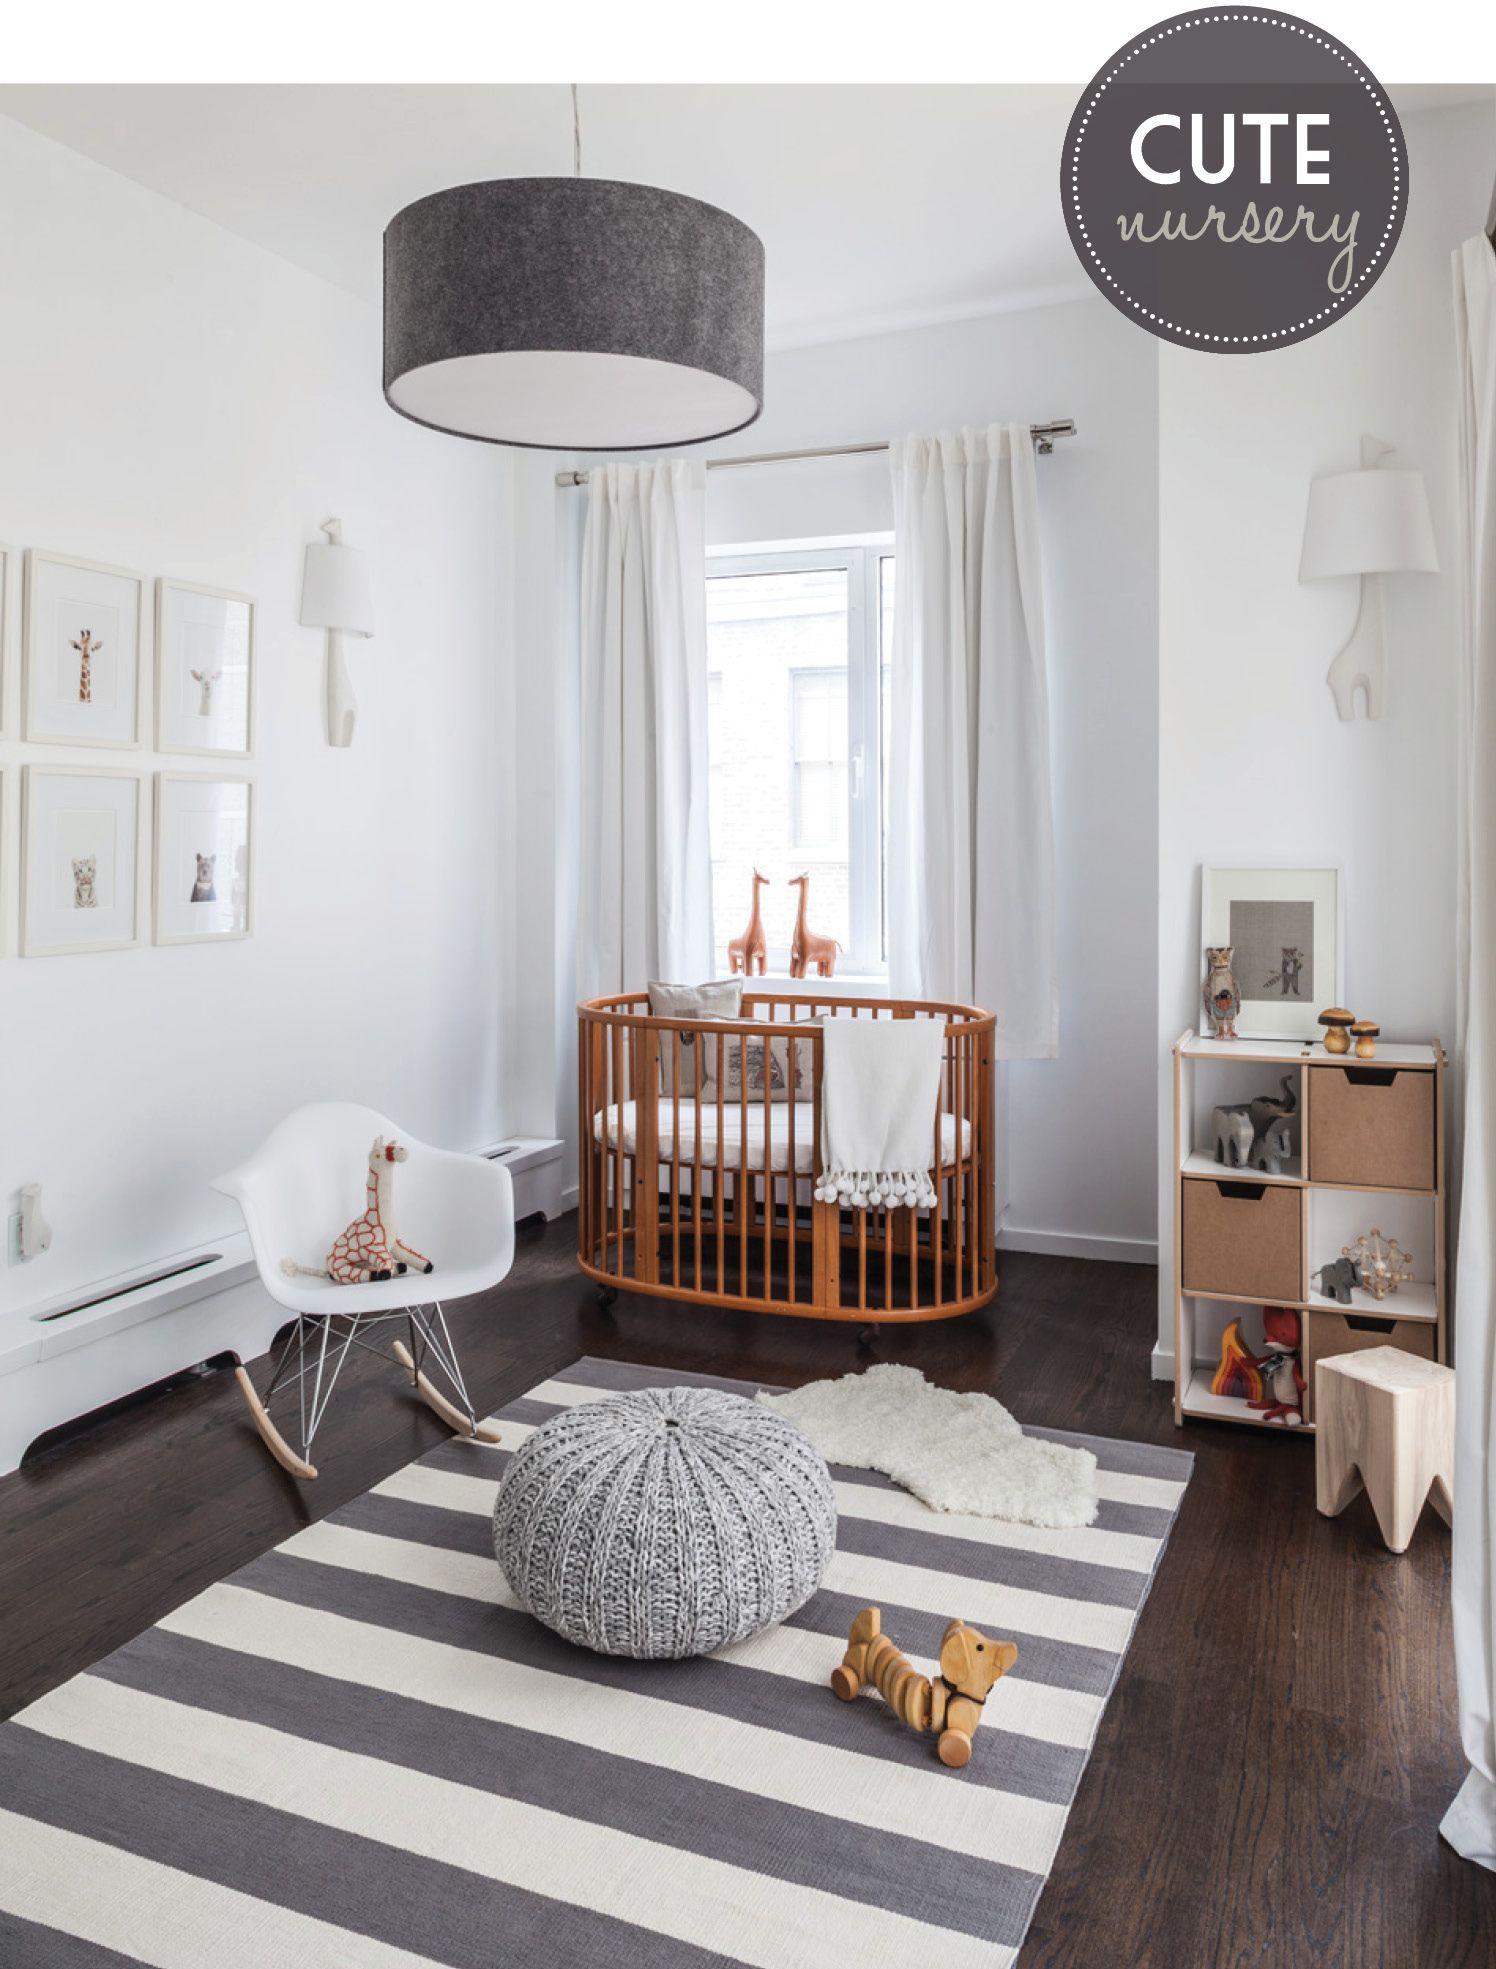 dormitorio de bebe con mecedora eames baby decor ideas nurseryModern Bedrooms For Baby Boys #10